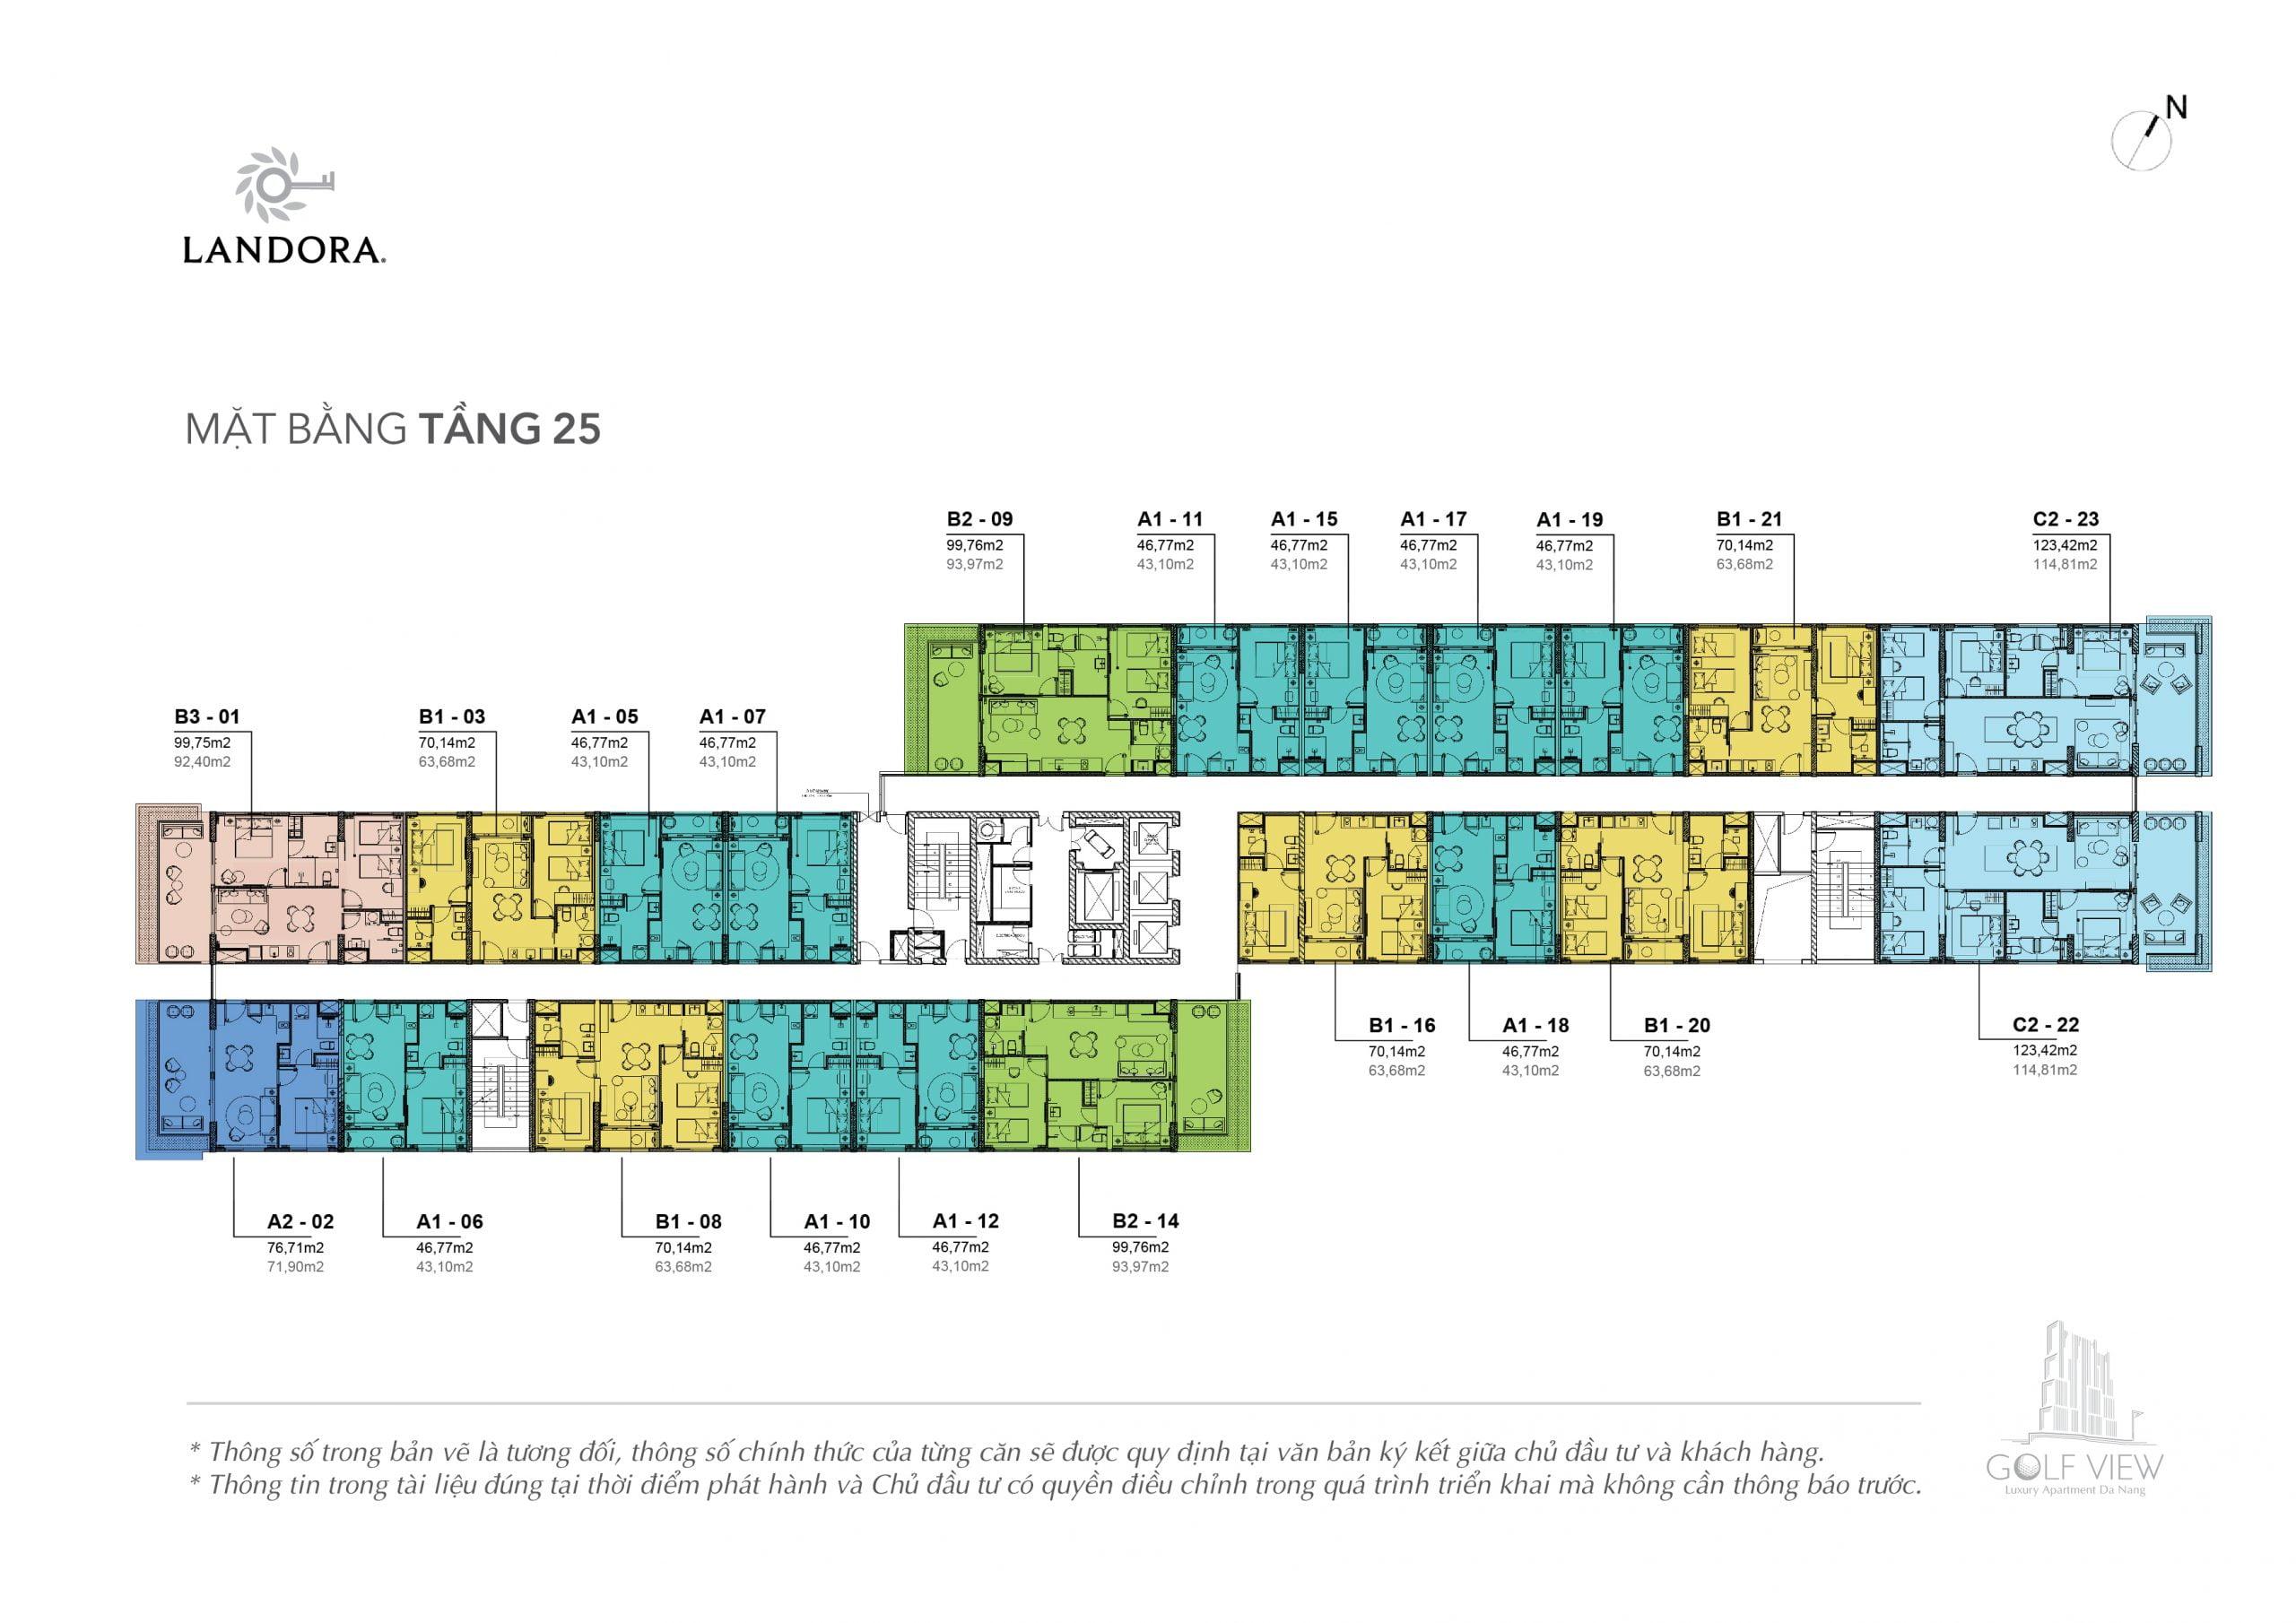 Mặt bằng thiết kế tầng 25 Căn hộ Golf View Luxury Apartment Đà Nẵng